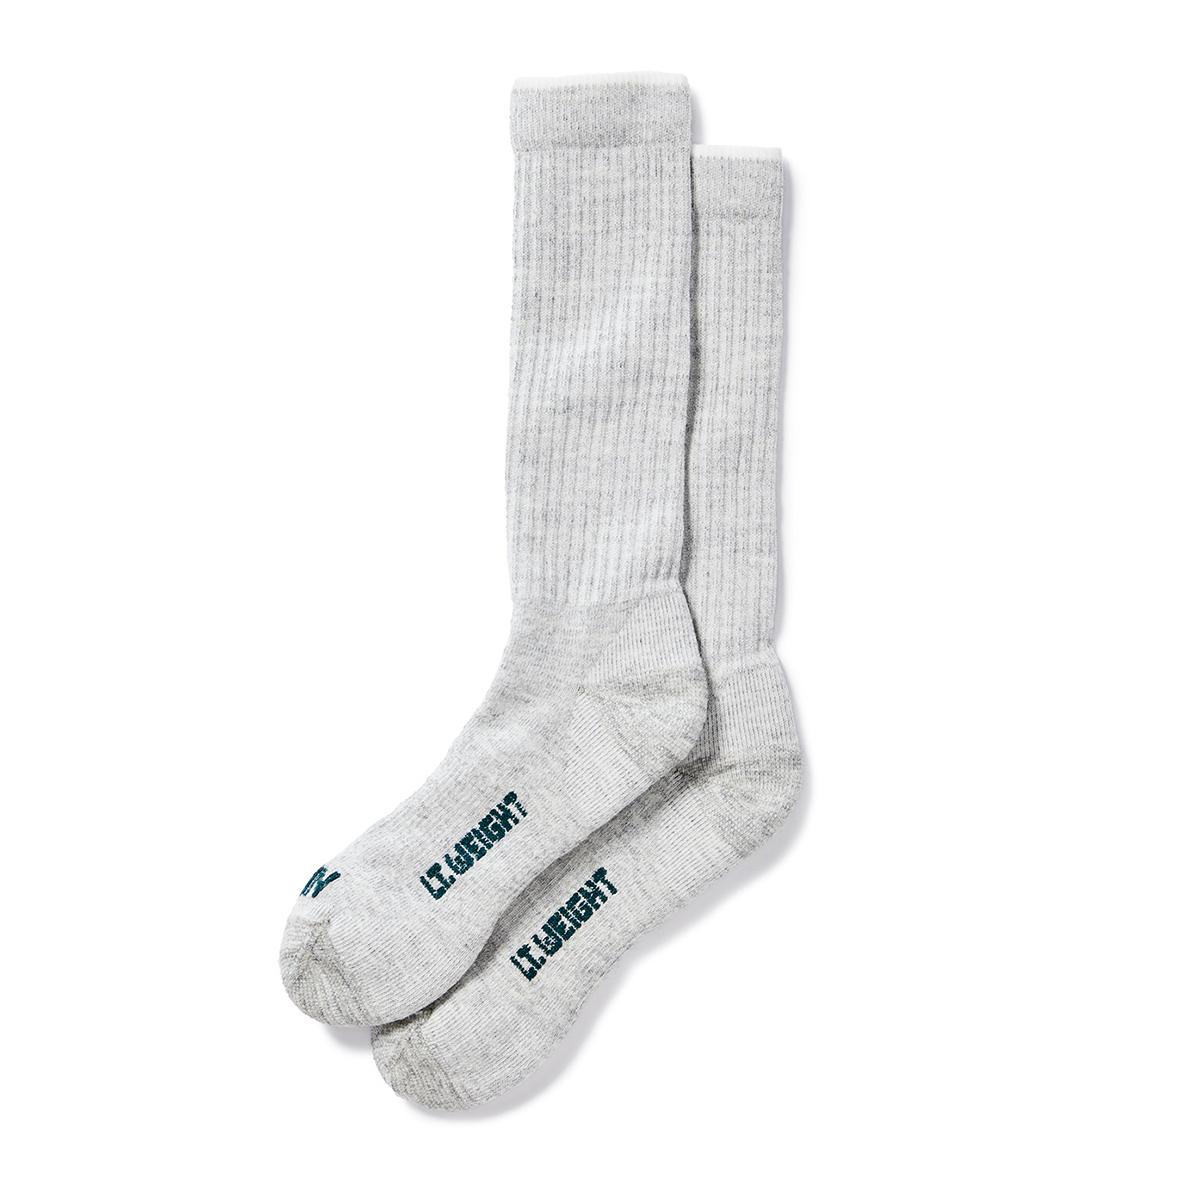 Filson Lightweight Traditional Crew Socks gemaakt van merino wol met een vleugje nylon en spandex